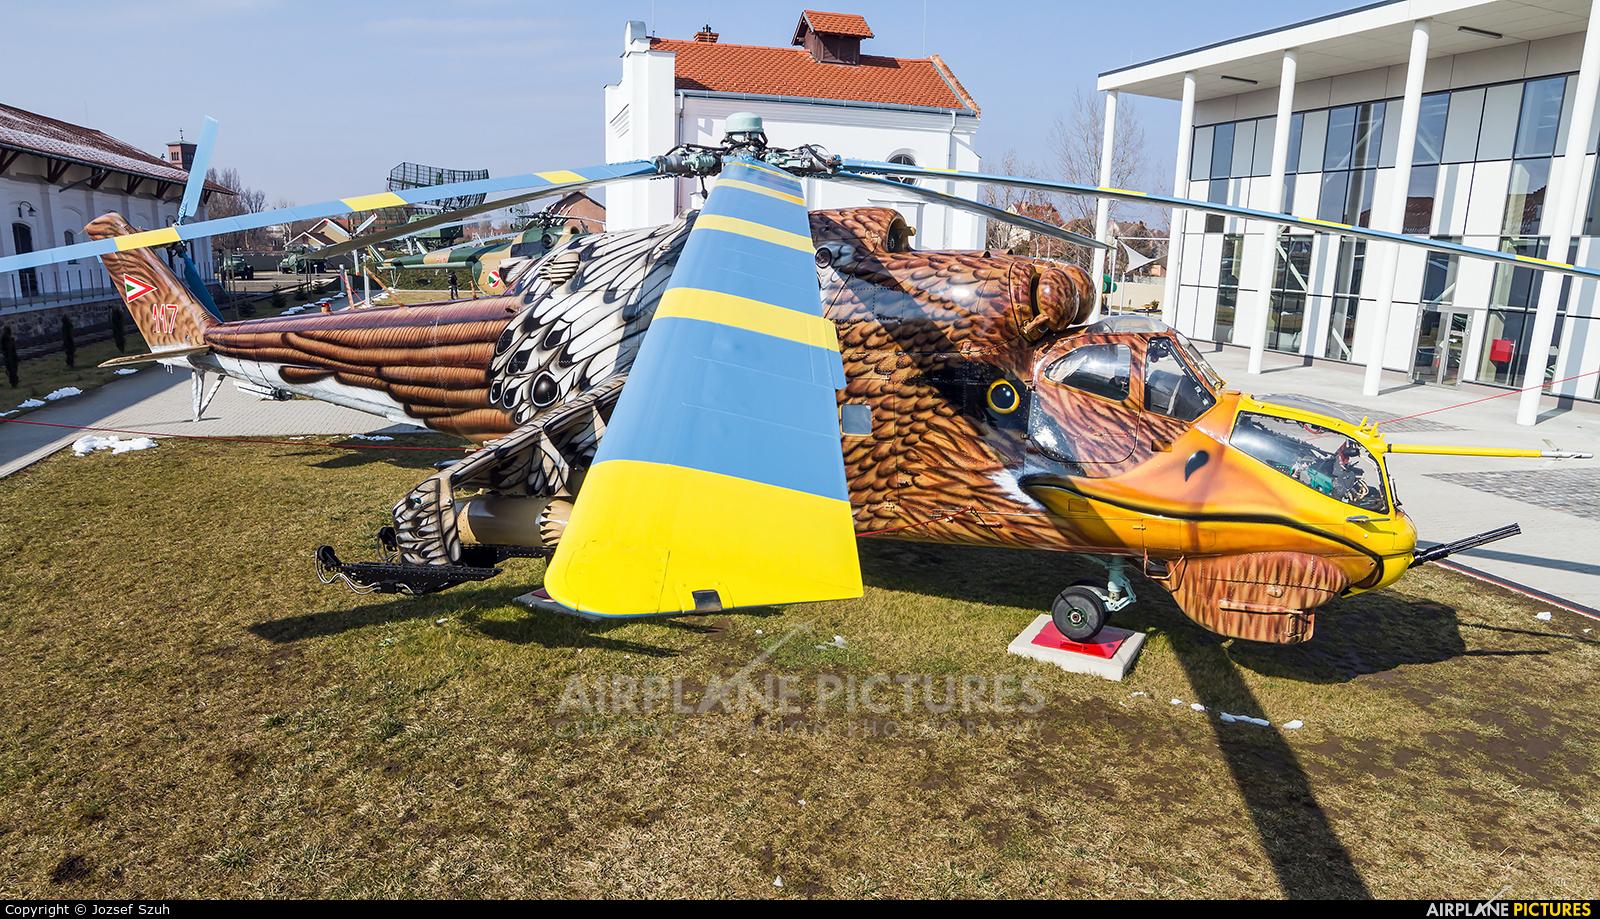 Hungary - Air Force 117 aircraft at Szolnok